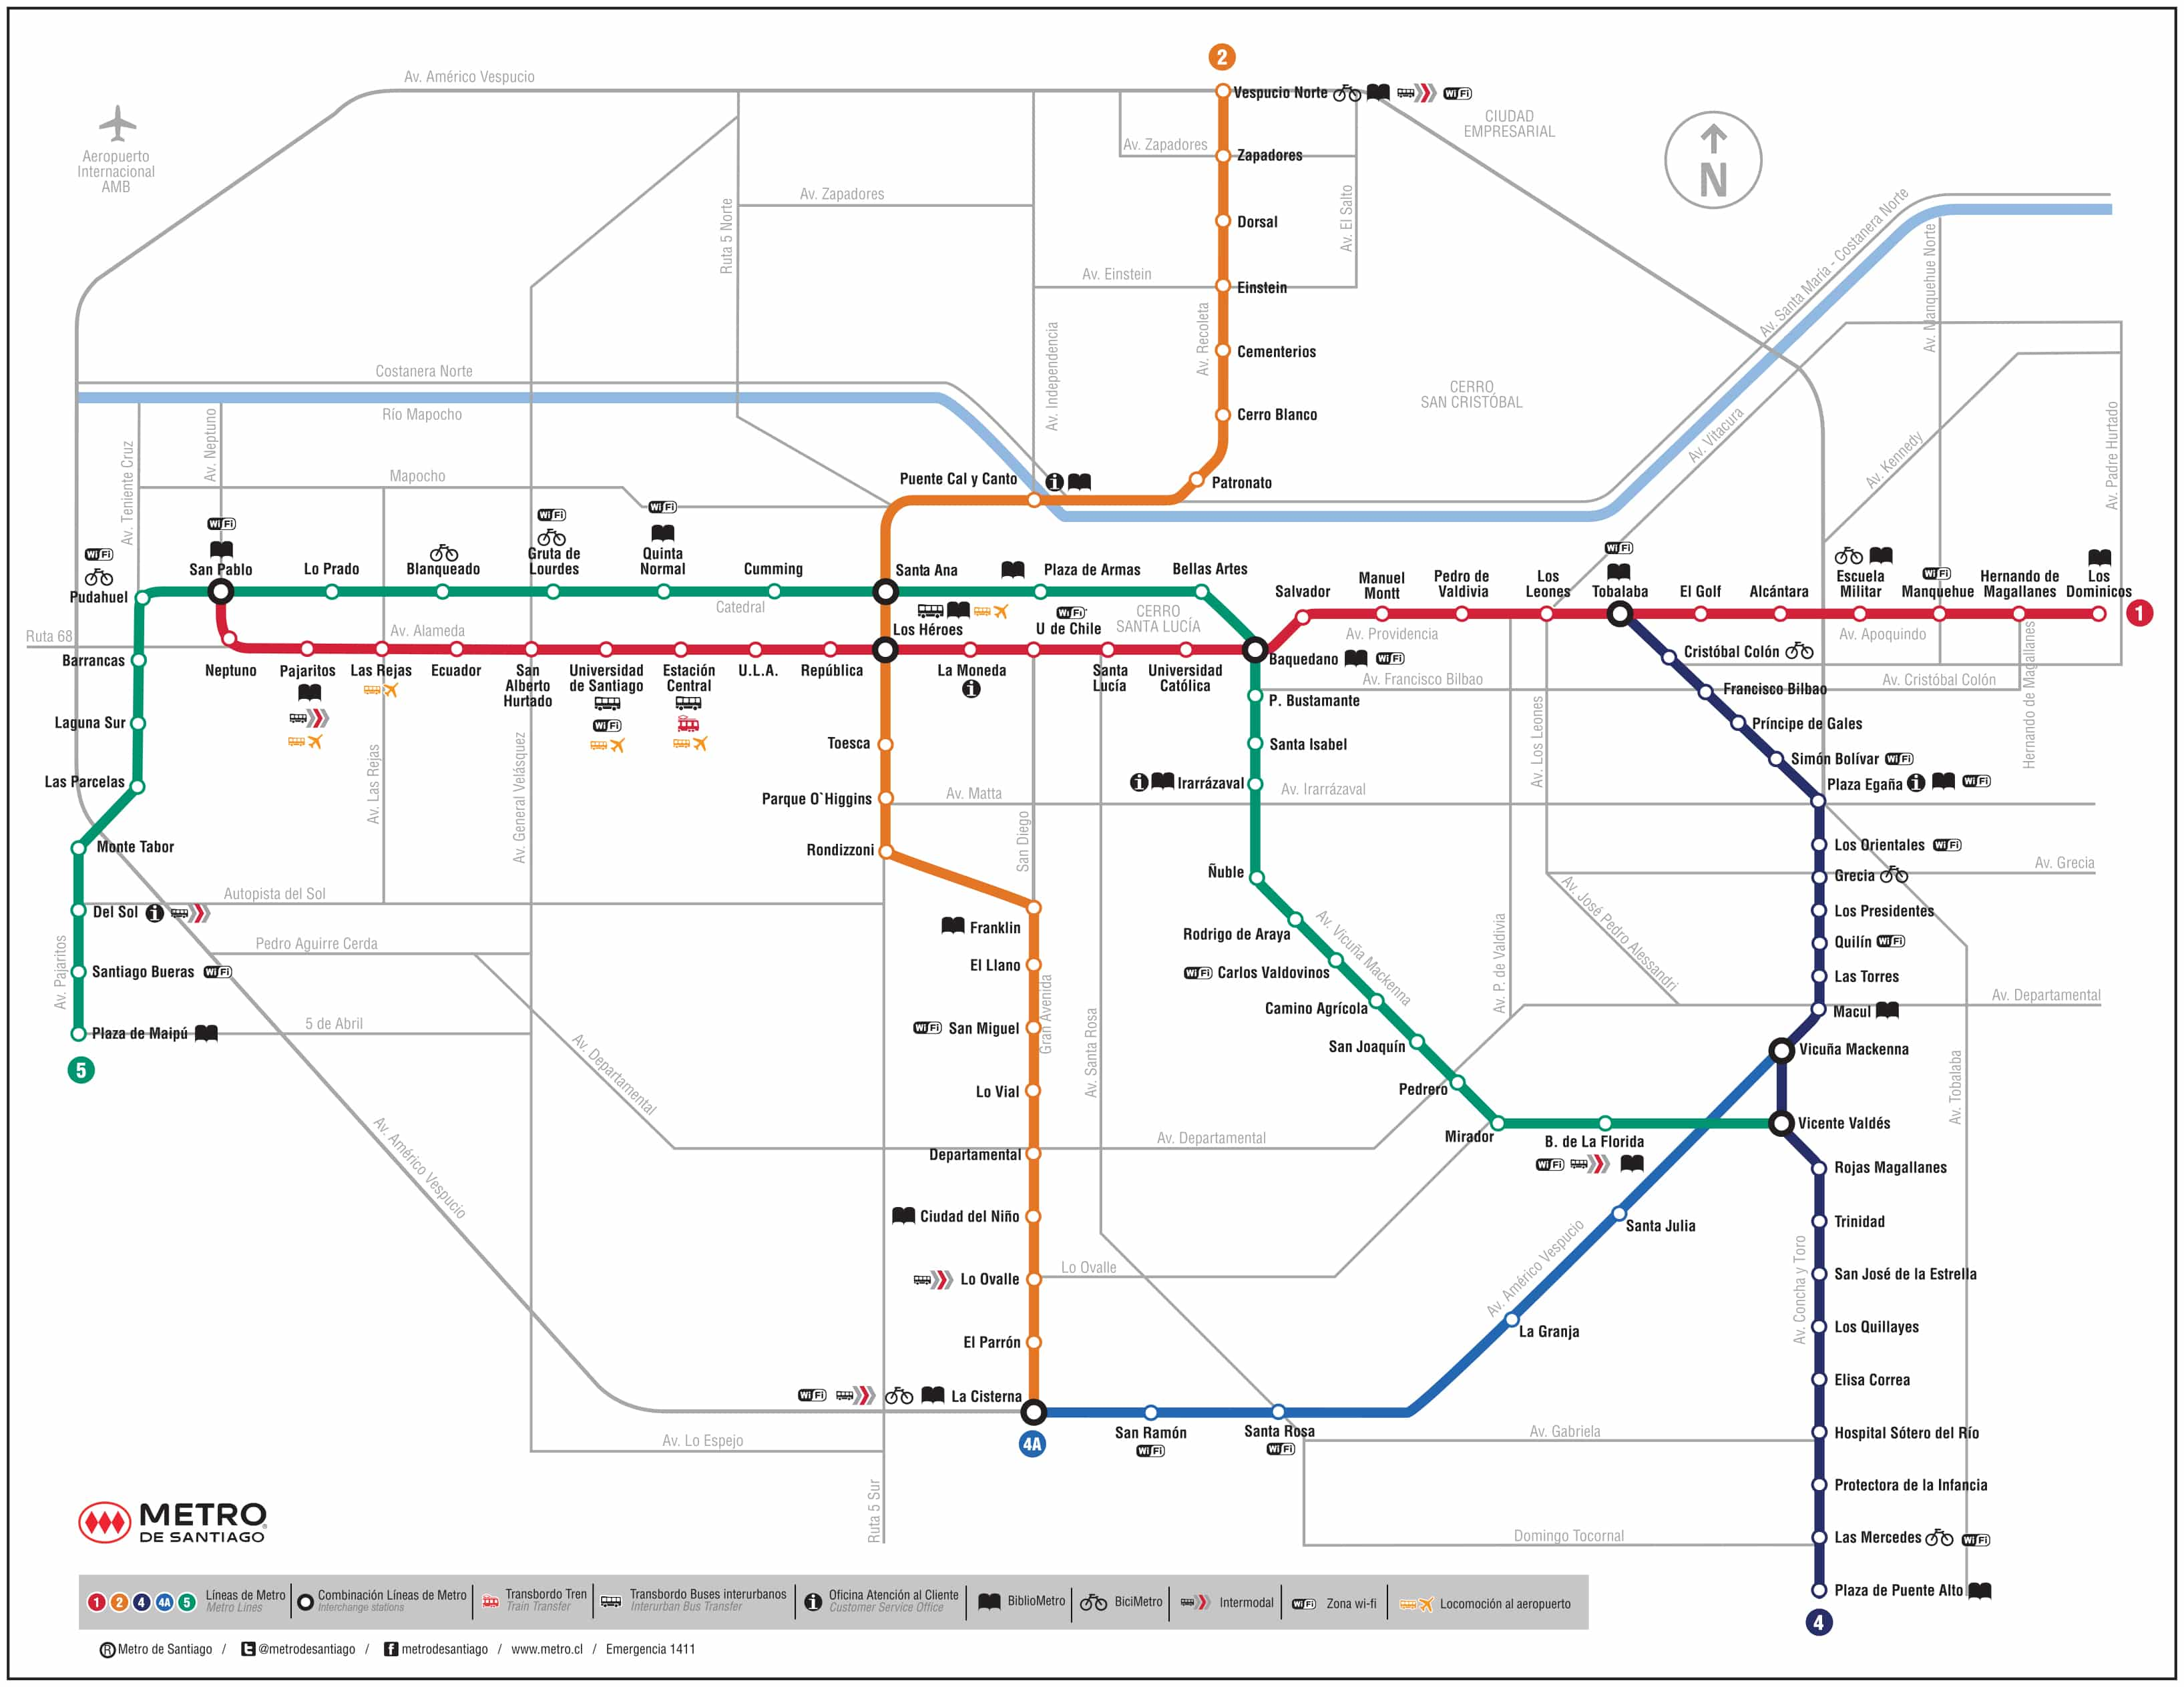 Mapa Metro Santiago